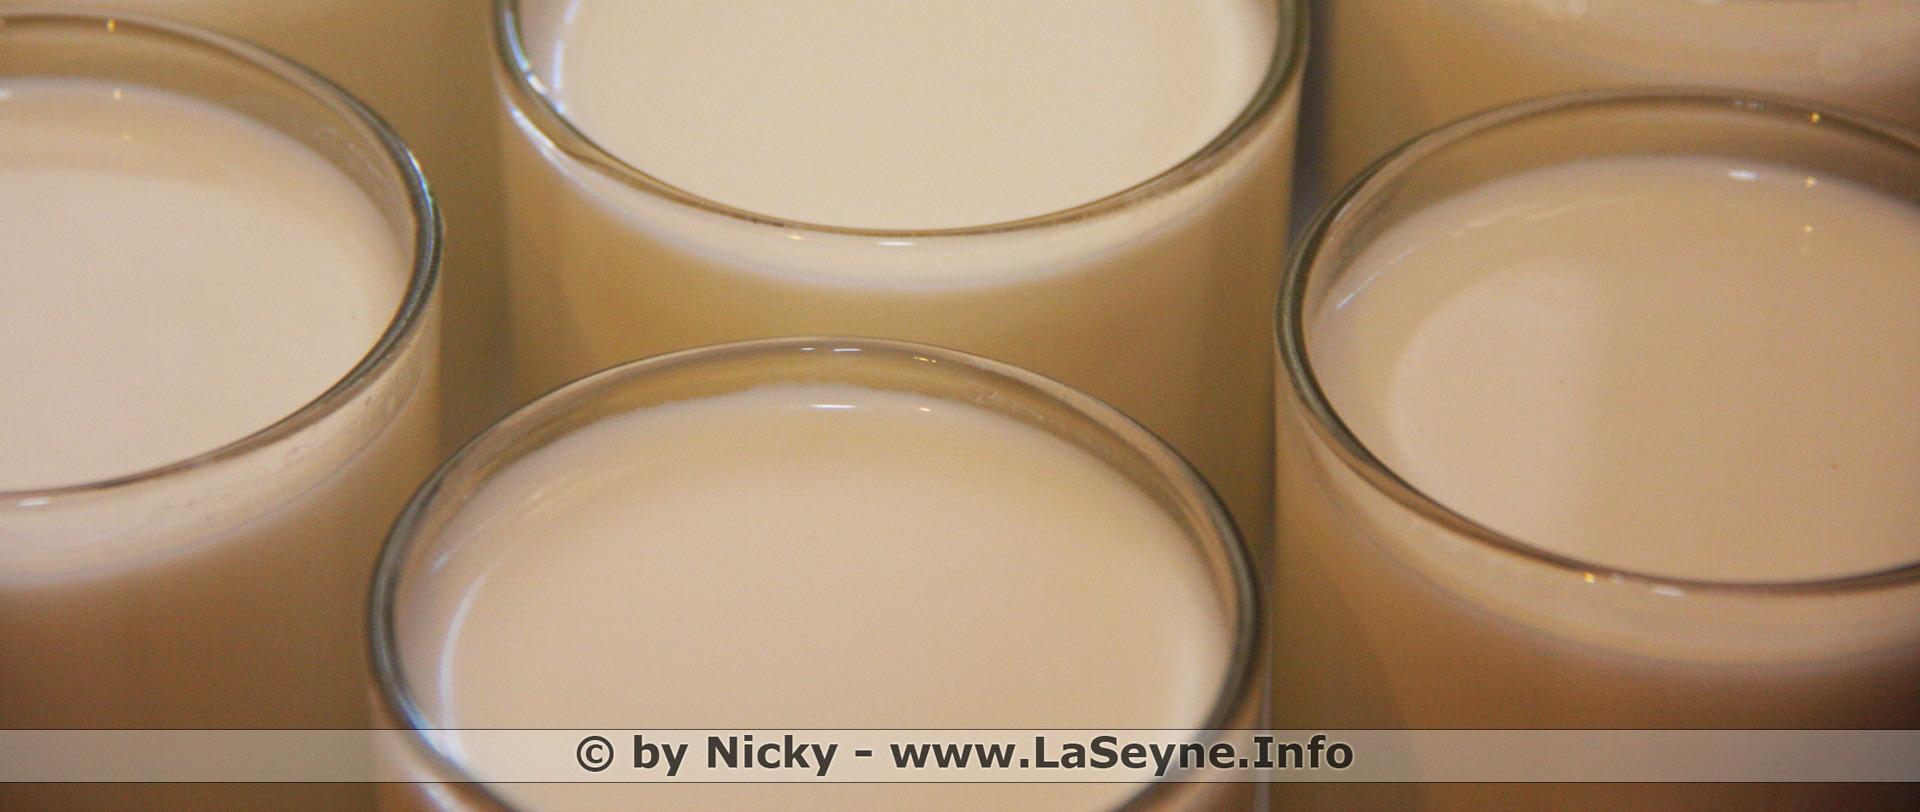 laseyne info yaourts aux fruits fait maison compar s aux yaourts aux fruits en plastique. Black Bedroom Furniture Sets. Home Design Ideas